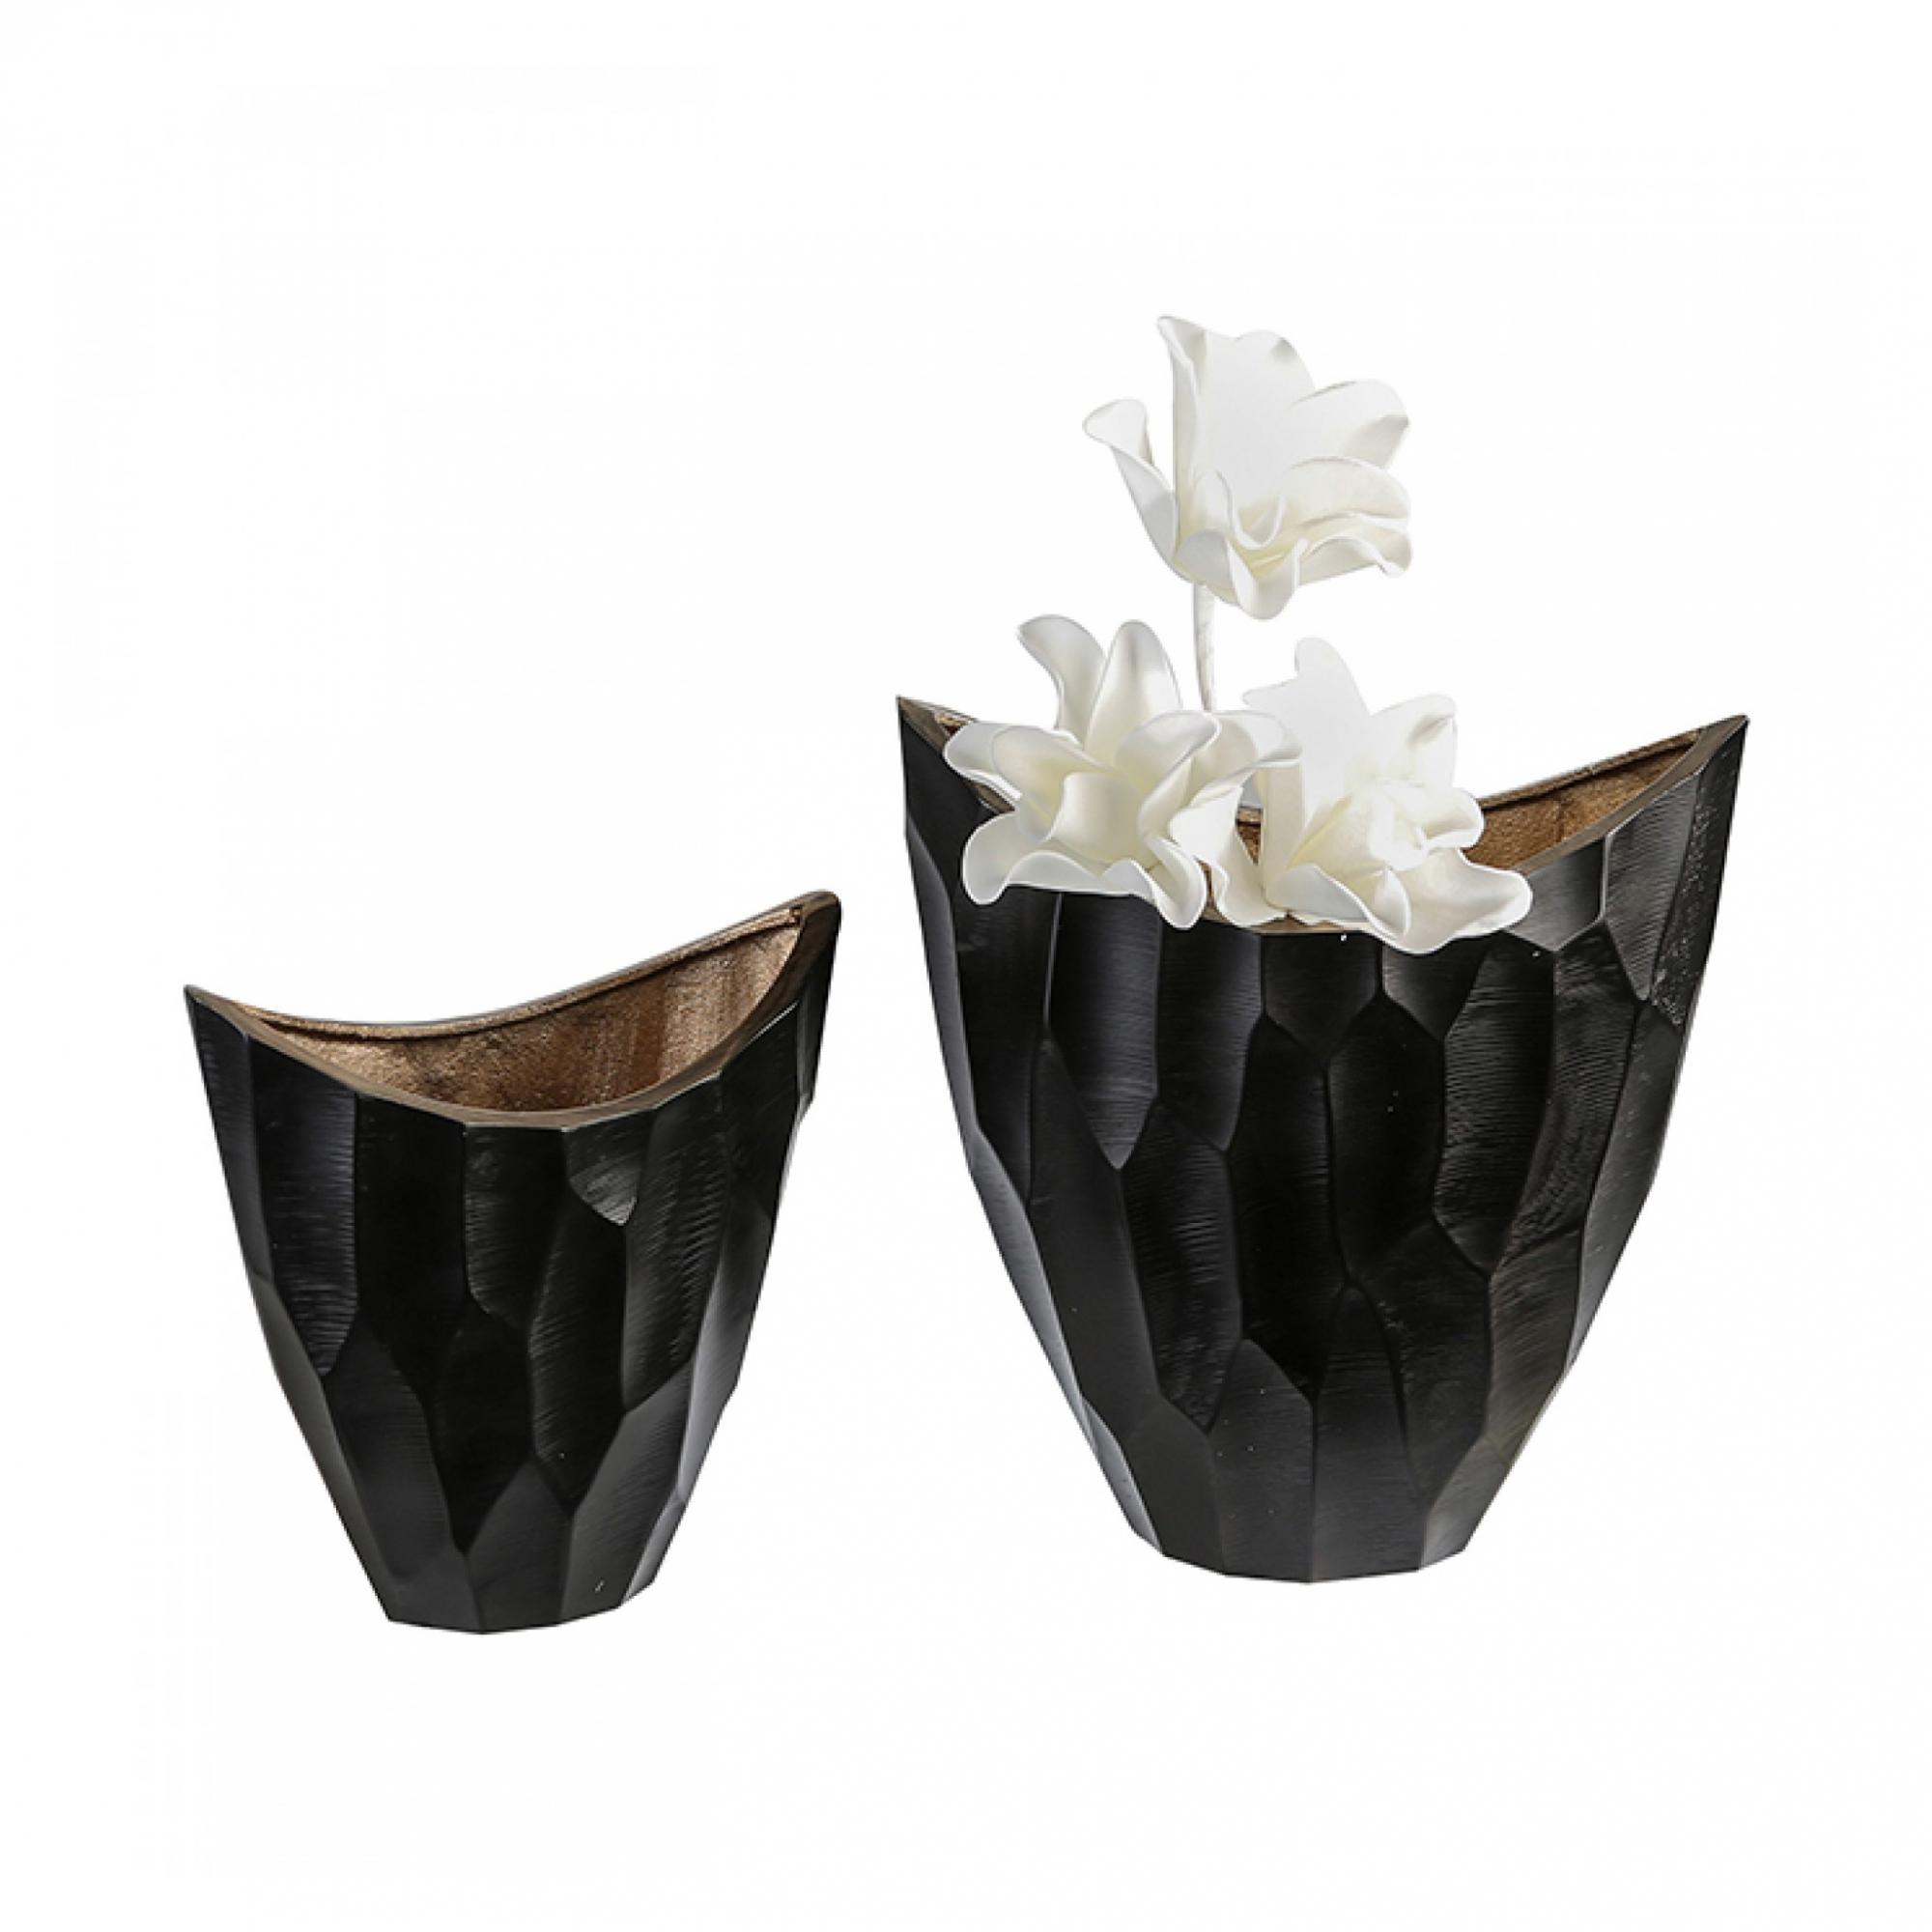 Hliníková váza Lava, 33,5 cm, černá/zlatá